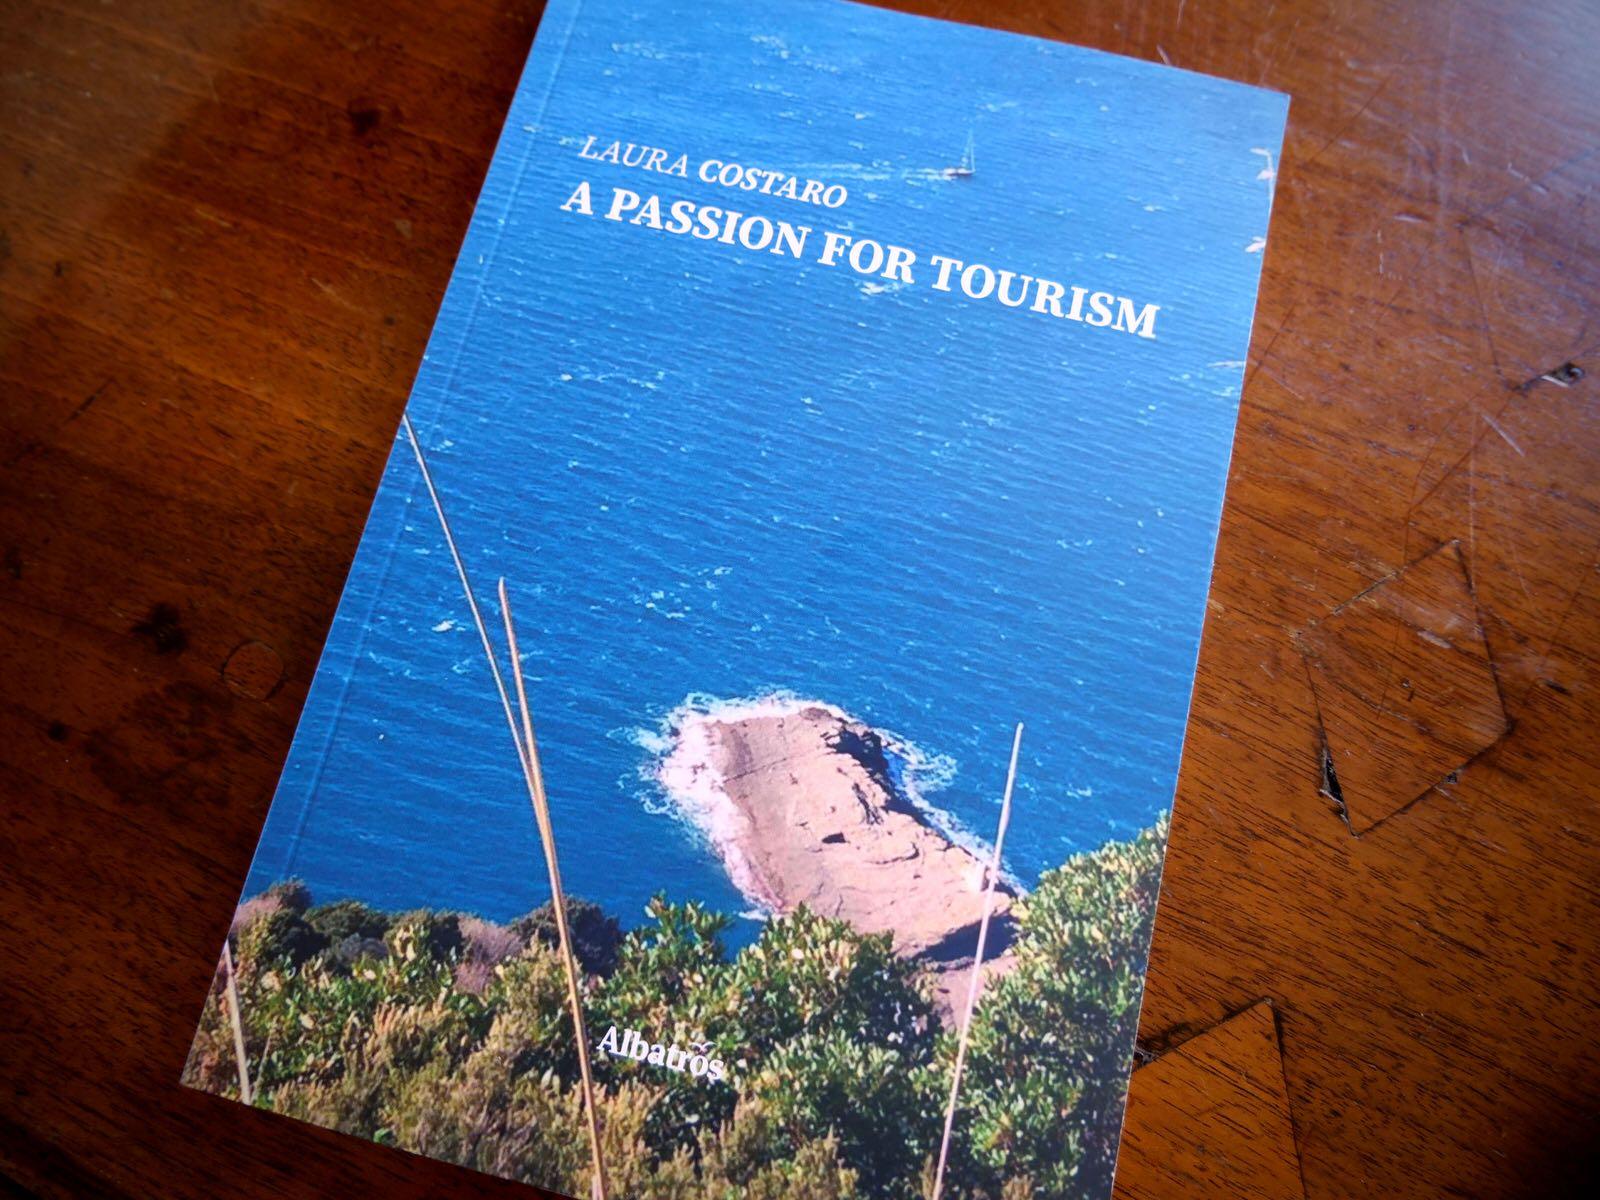 Conferenza Stampa presentazione libro Laura Costaro - A Passion for Tourism 2019.07.26 - 7